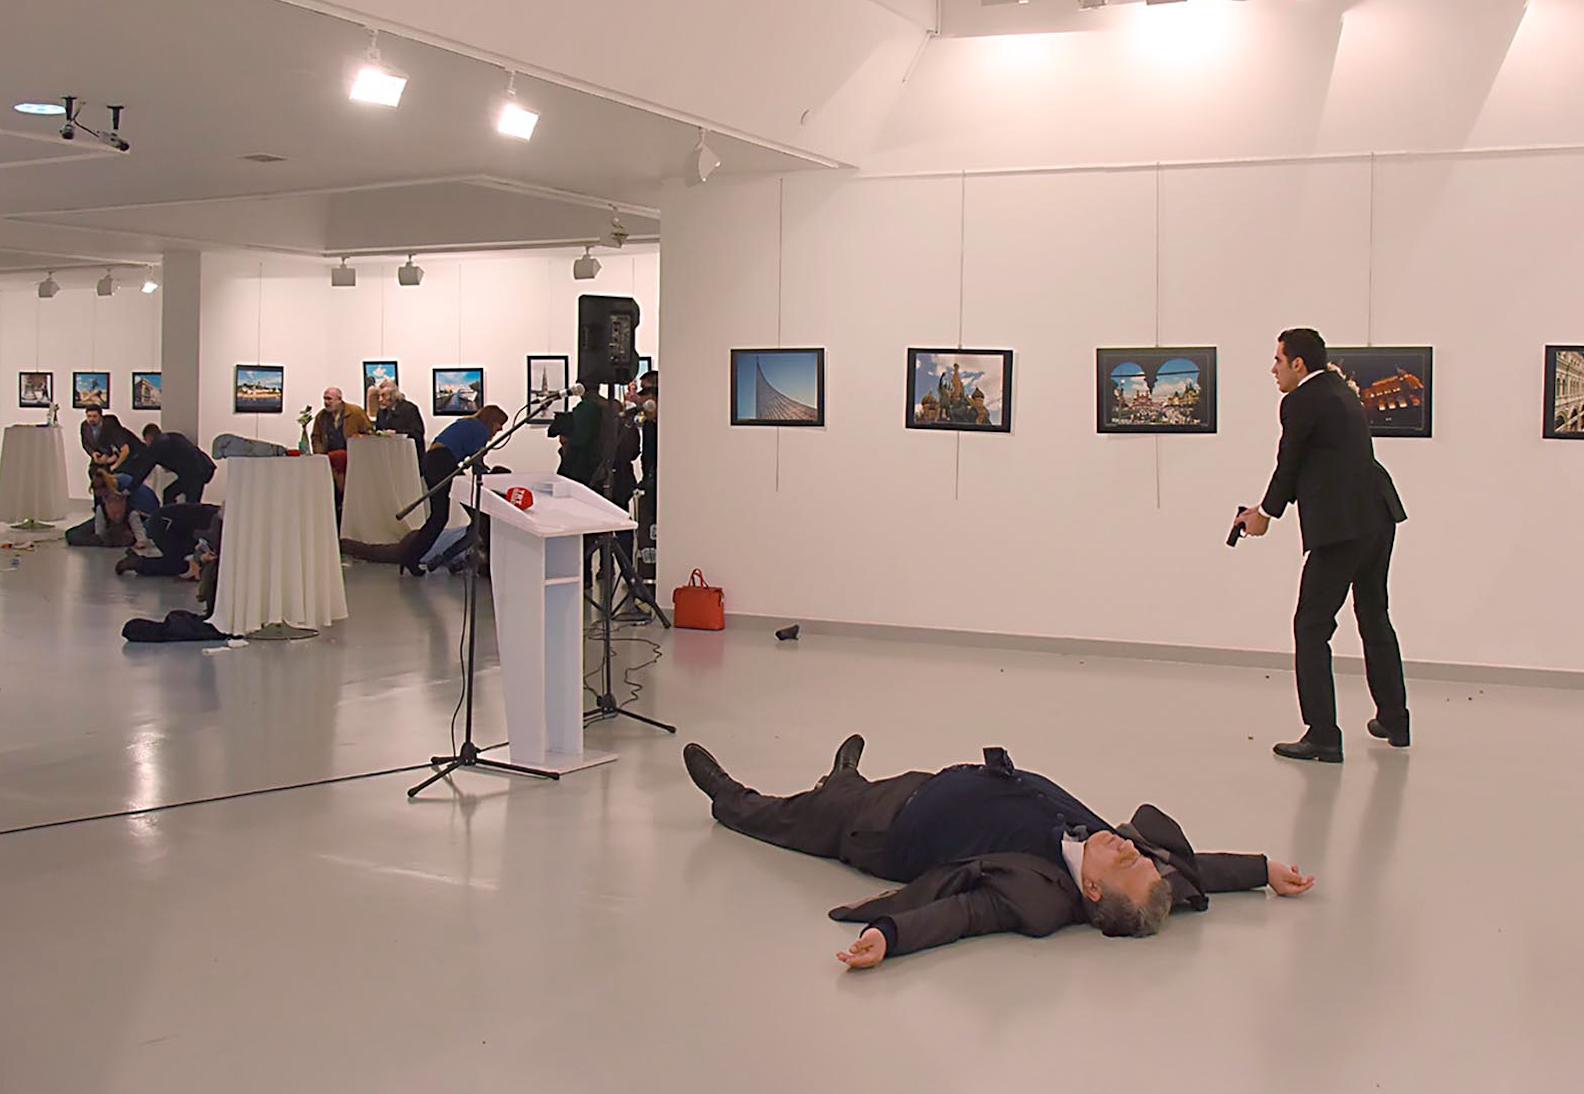 Asesinan al embajador de Rusia en Turquía